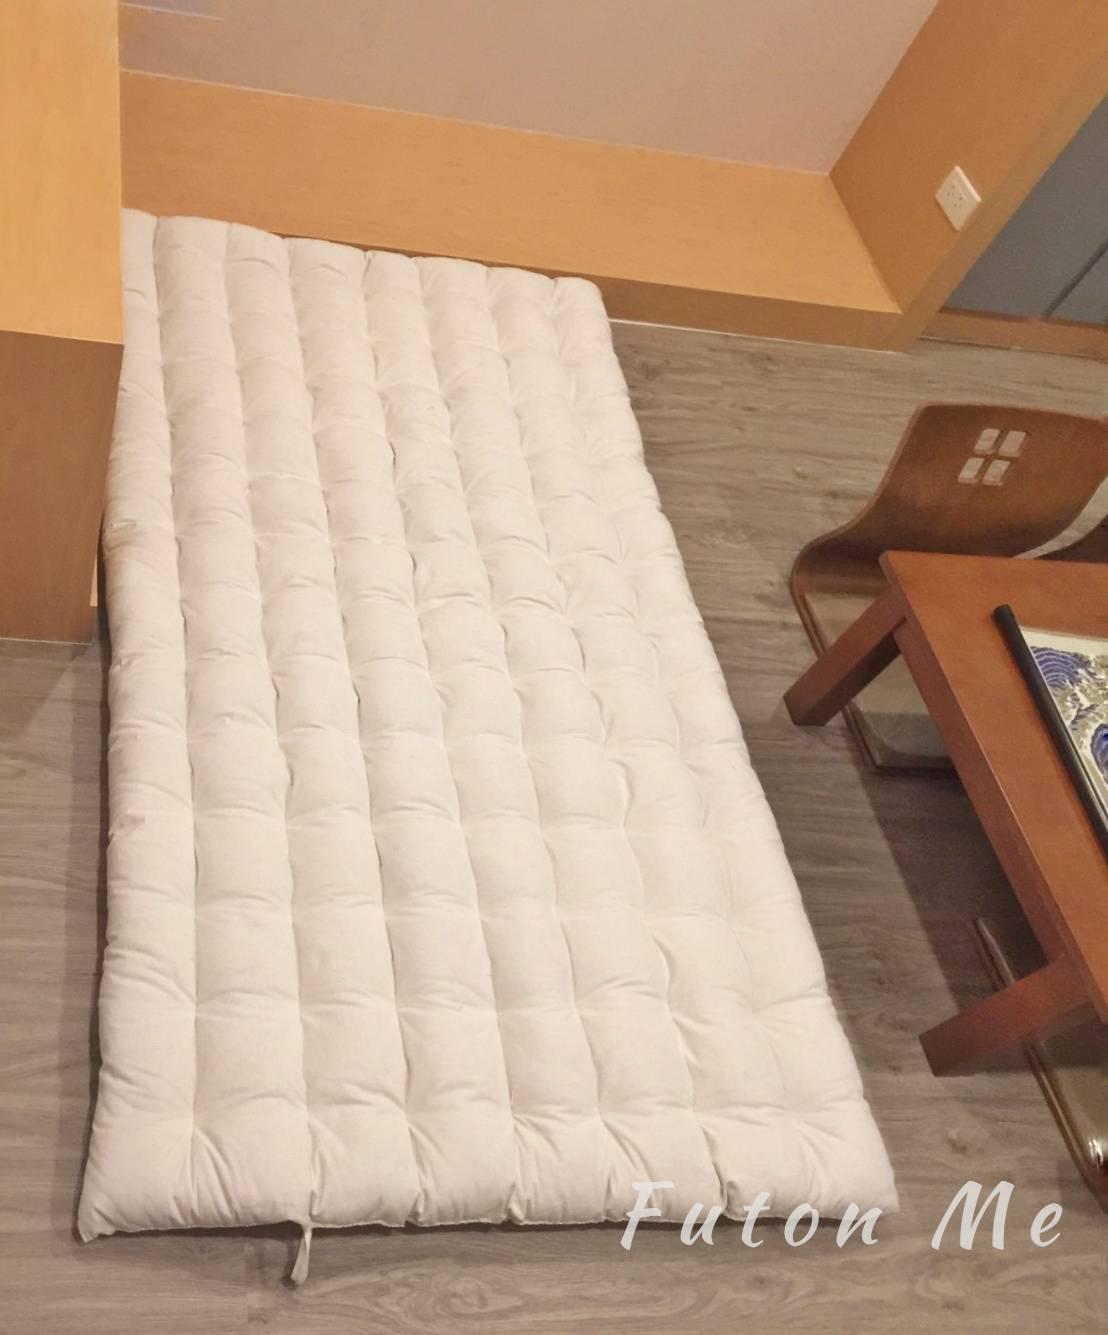 ง Traditional Natural Kapok Futon Bed